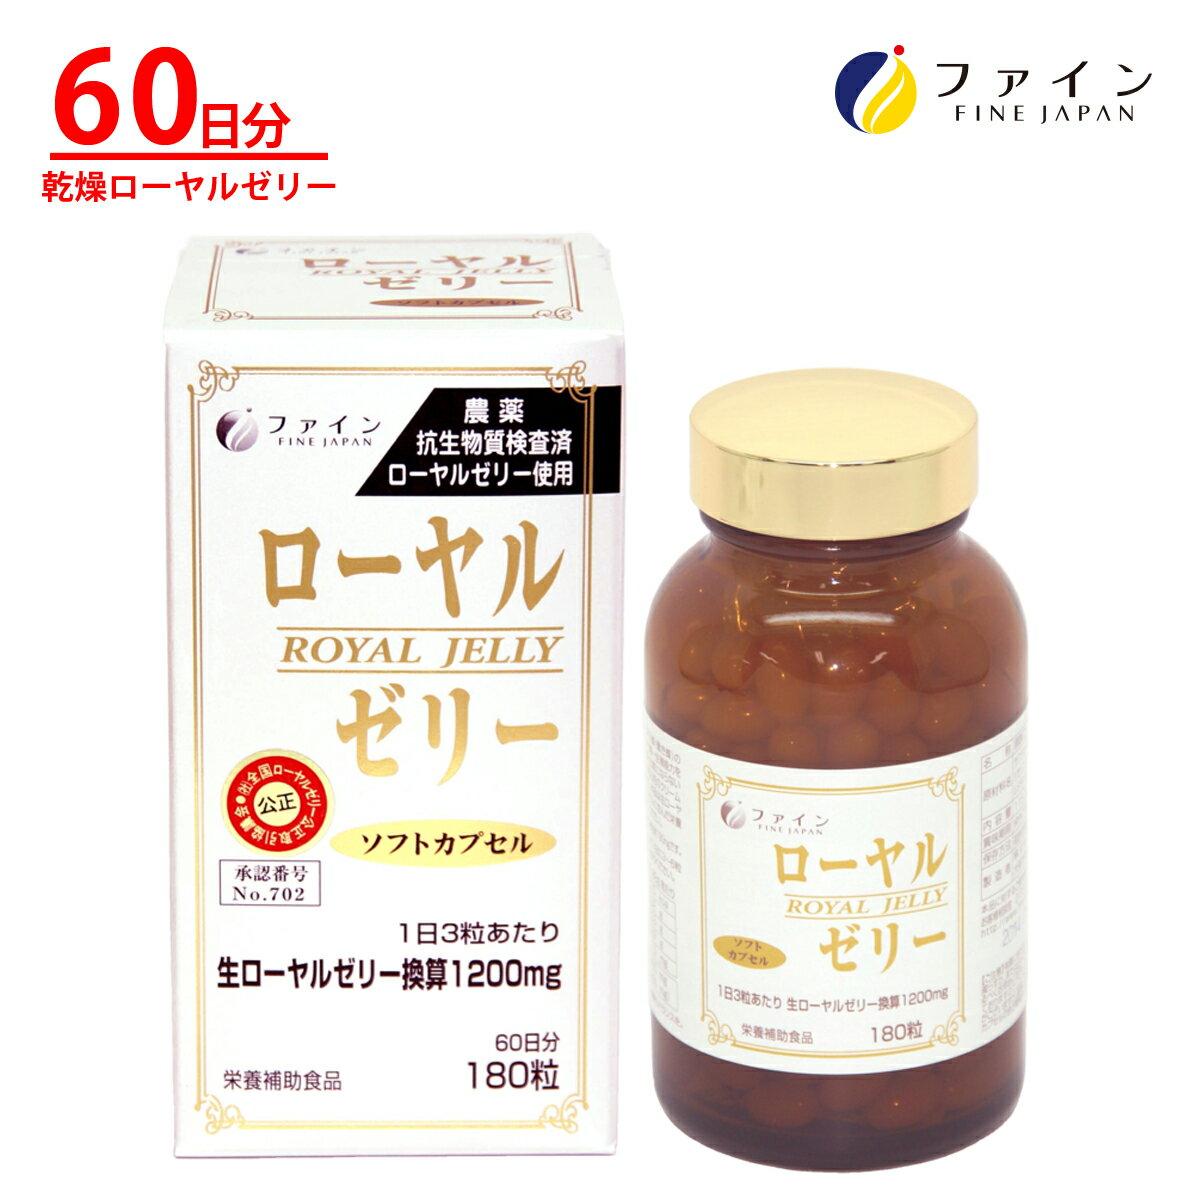 ファインローヤルゼリー1200乾燥ローヤルゼリー配合1日3〜6粒/180粒健康美容エイジングケア栄養